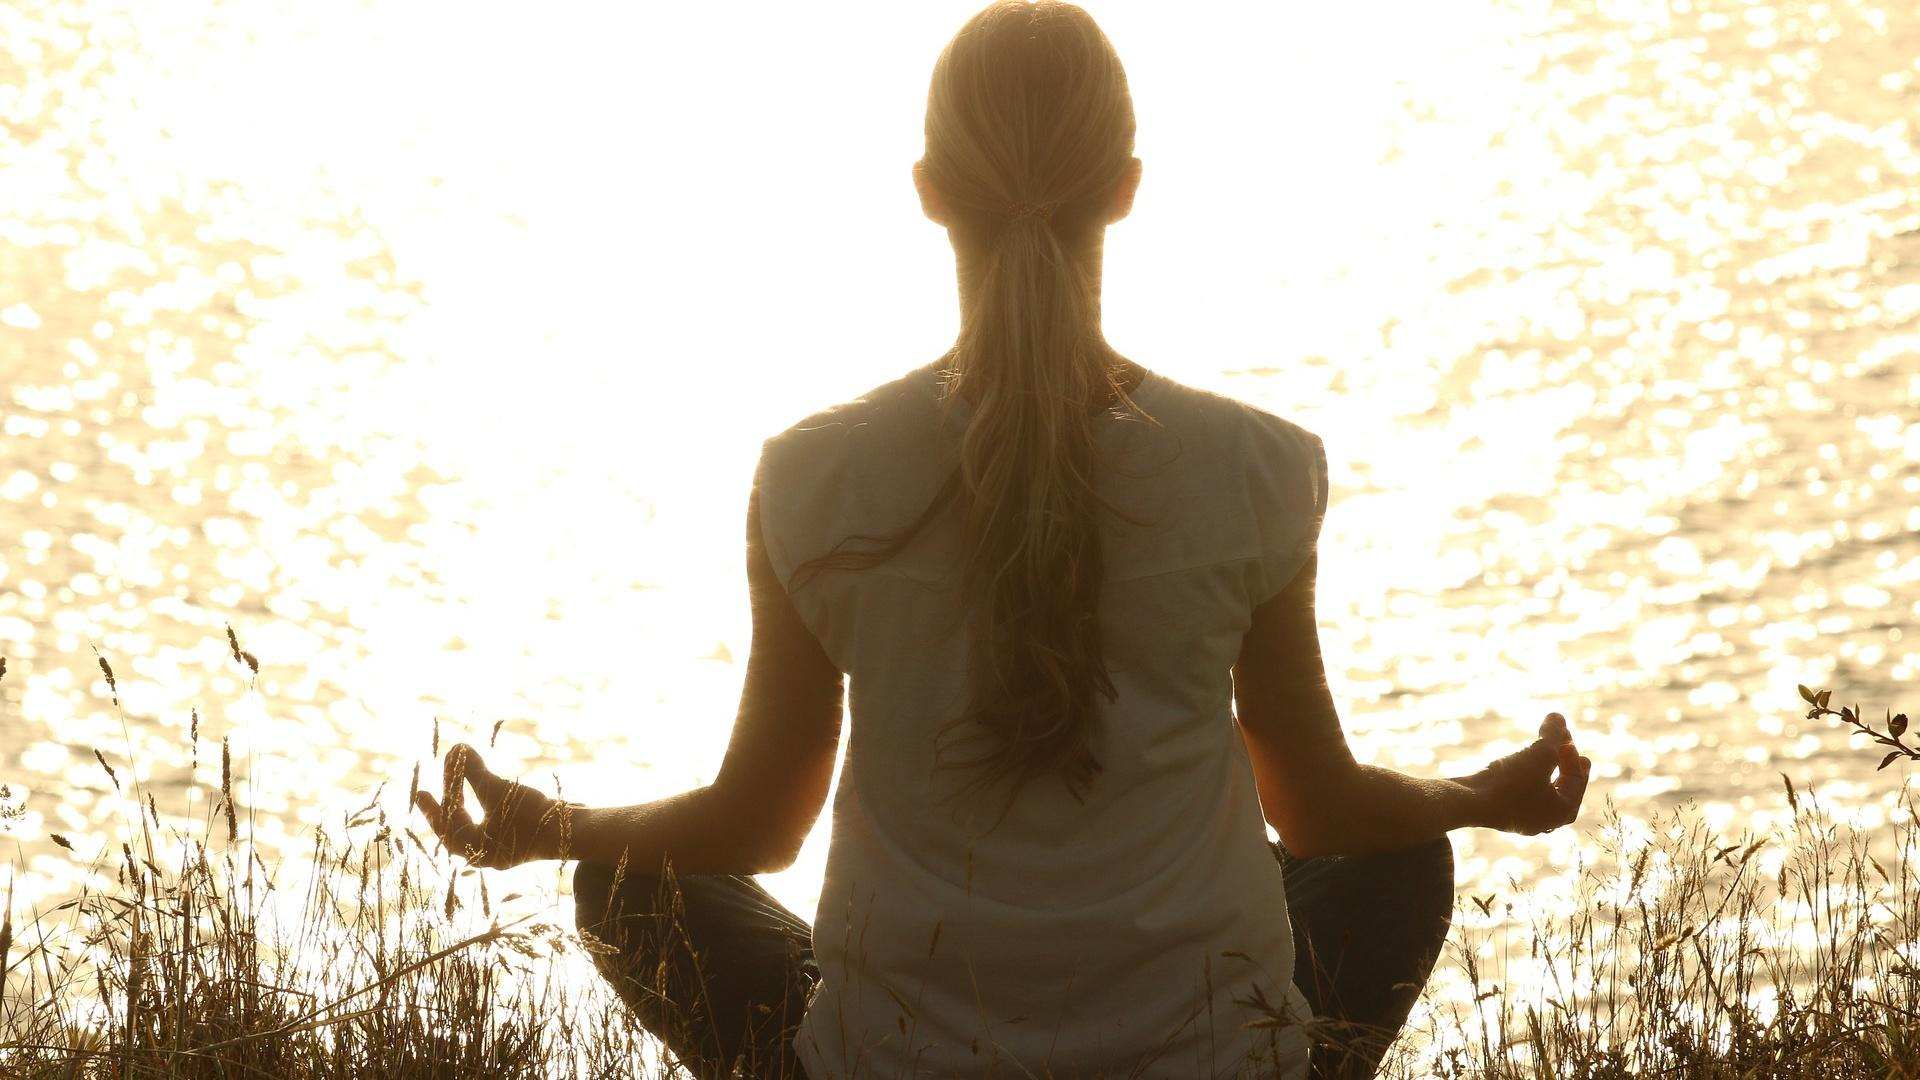 Wie resilient Sie sind, ist abhängig von Ihrer inneren Einstellung. Haltungen wie Optimusmus, Selbstakzeptanz und Lösungsorientierung helfen Ihnen dabei, besser mit Krisen zurecht zu kommen.